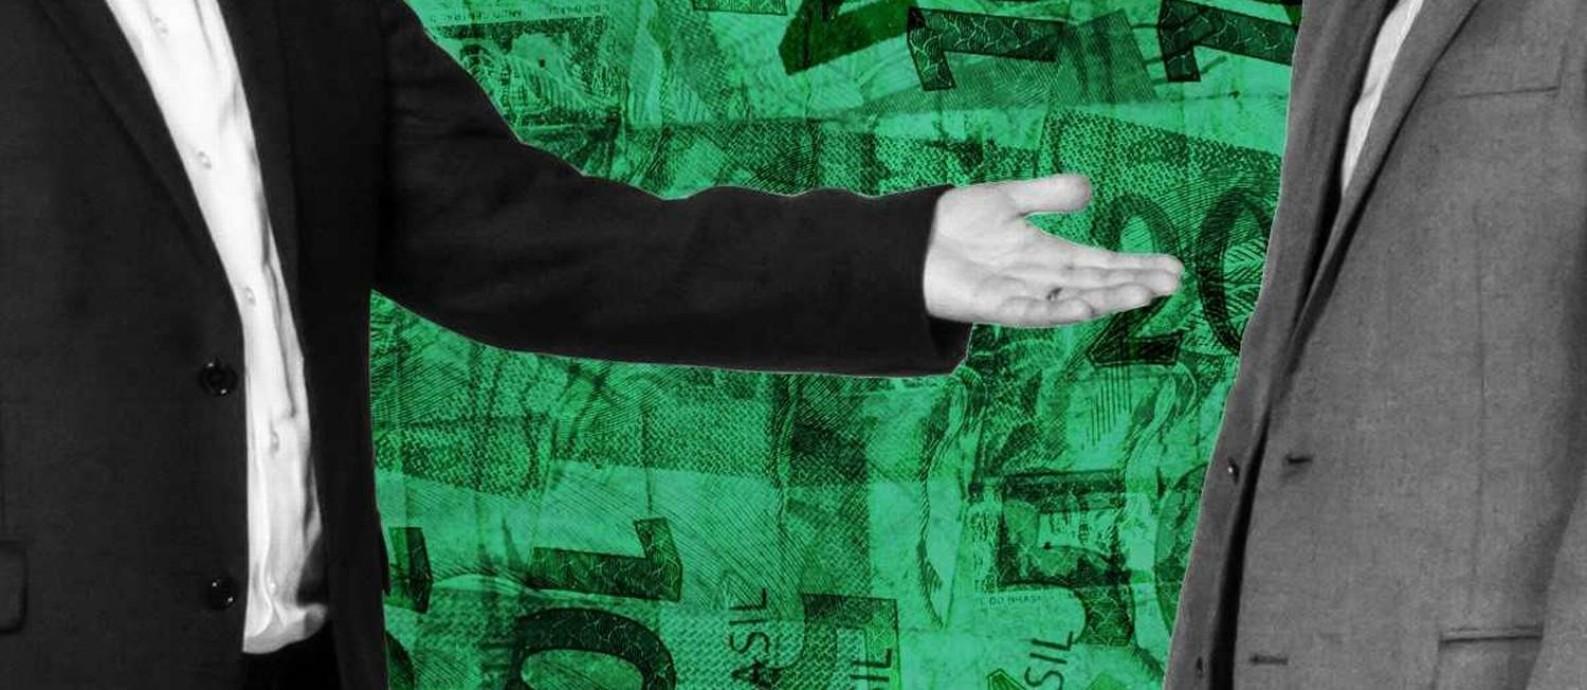 Mensagem distribuída pelo WhatsApp pedia transferências na conta do tesoureiro Foto: Agência O Globo